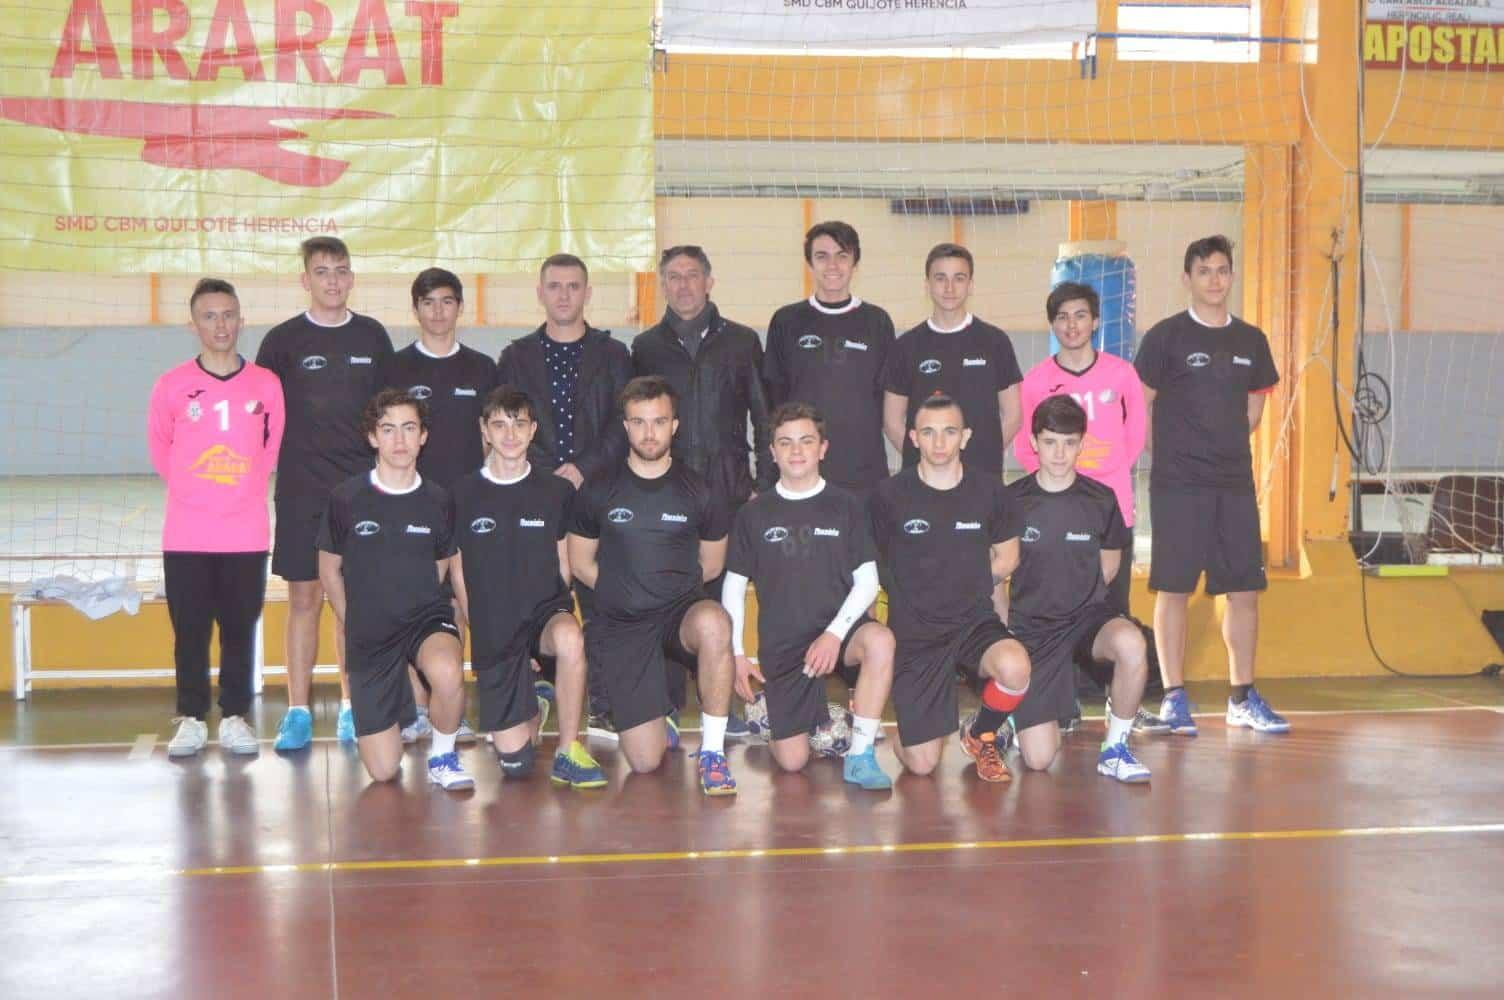 El club balonmano SMD Quijote Herencia renueva su acuerdo de patrocinio con el grupo Ararat 6